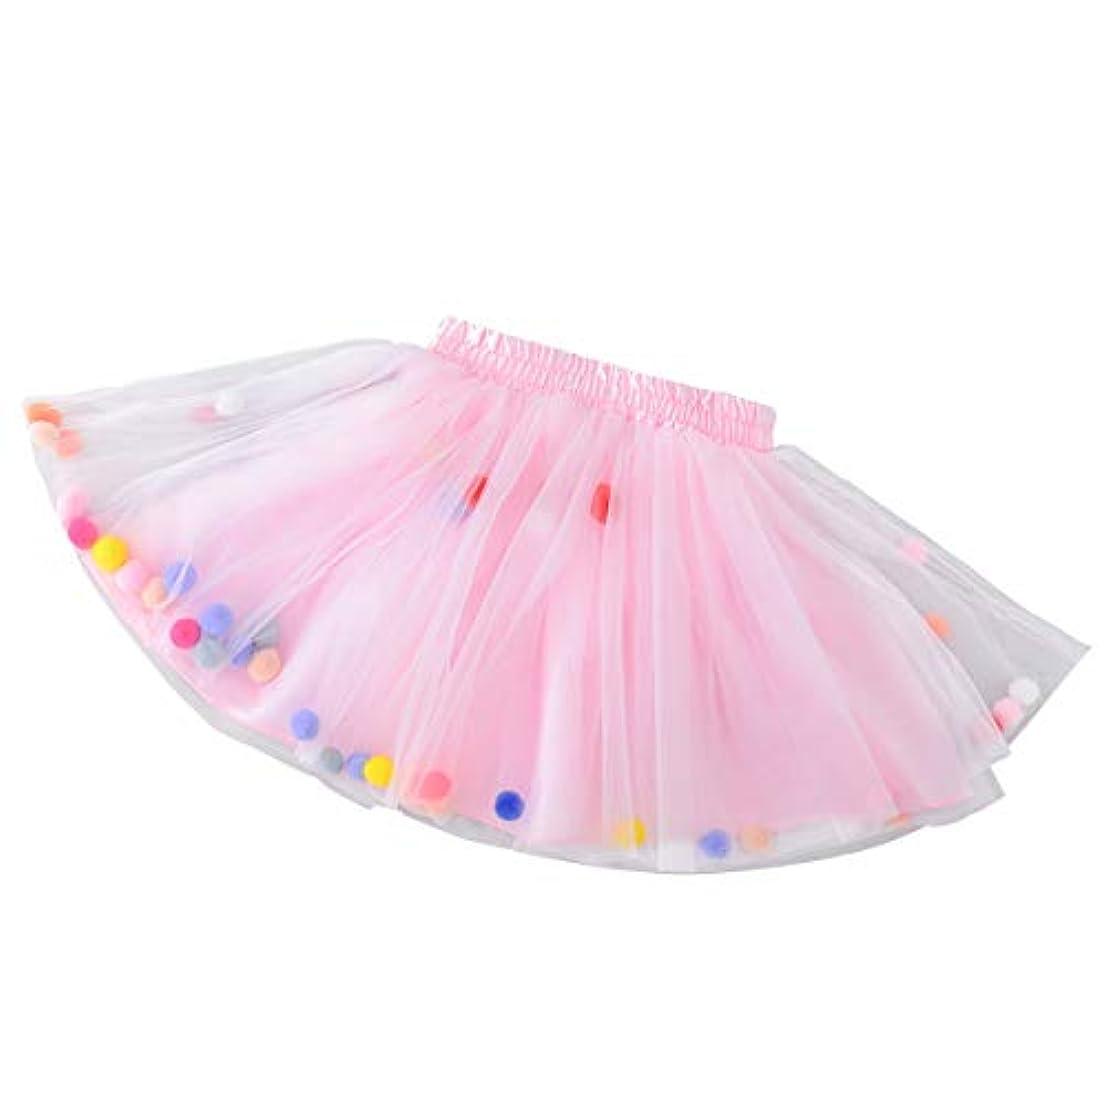 ポインタオペラゼロYeahiBaby 子供チュチュスカートラブリーピンクミディスカートカラフルなファジィボールガーゼスカートプリンセスドレス衣装用女の子(サイズm)